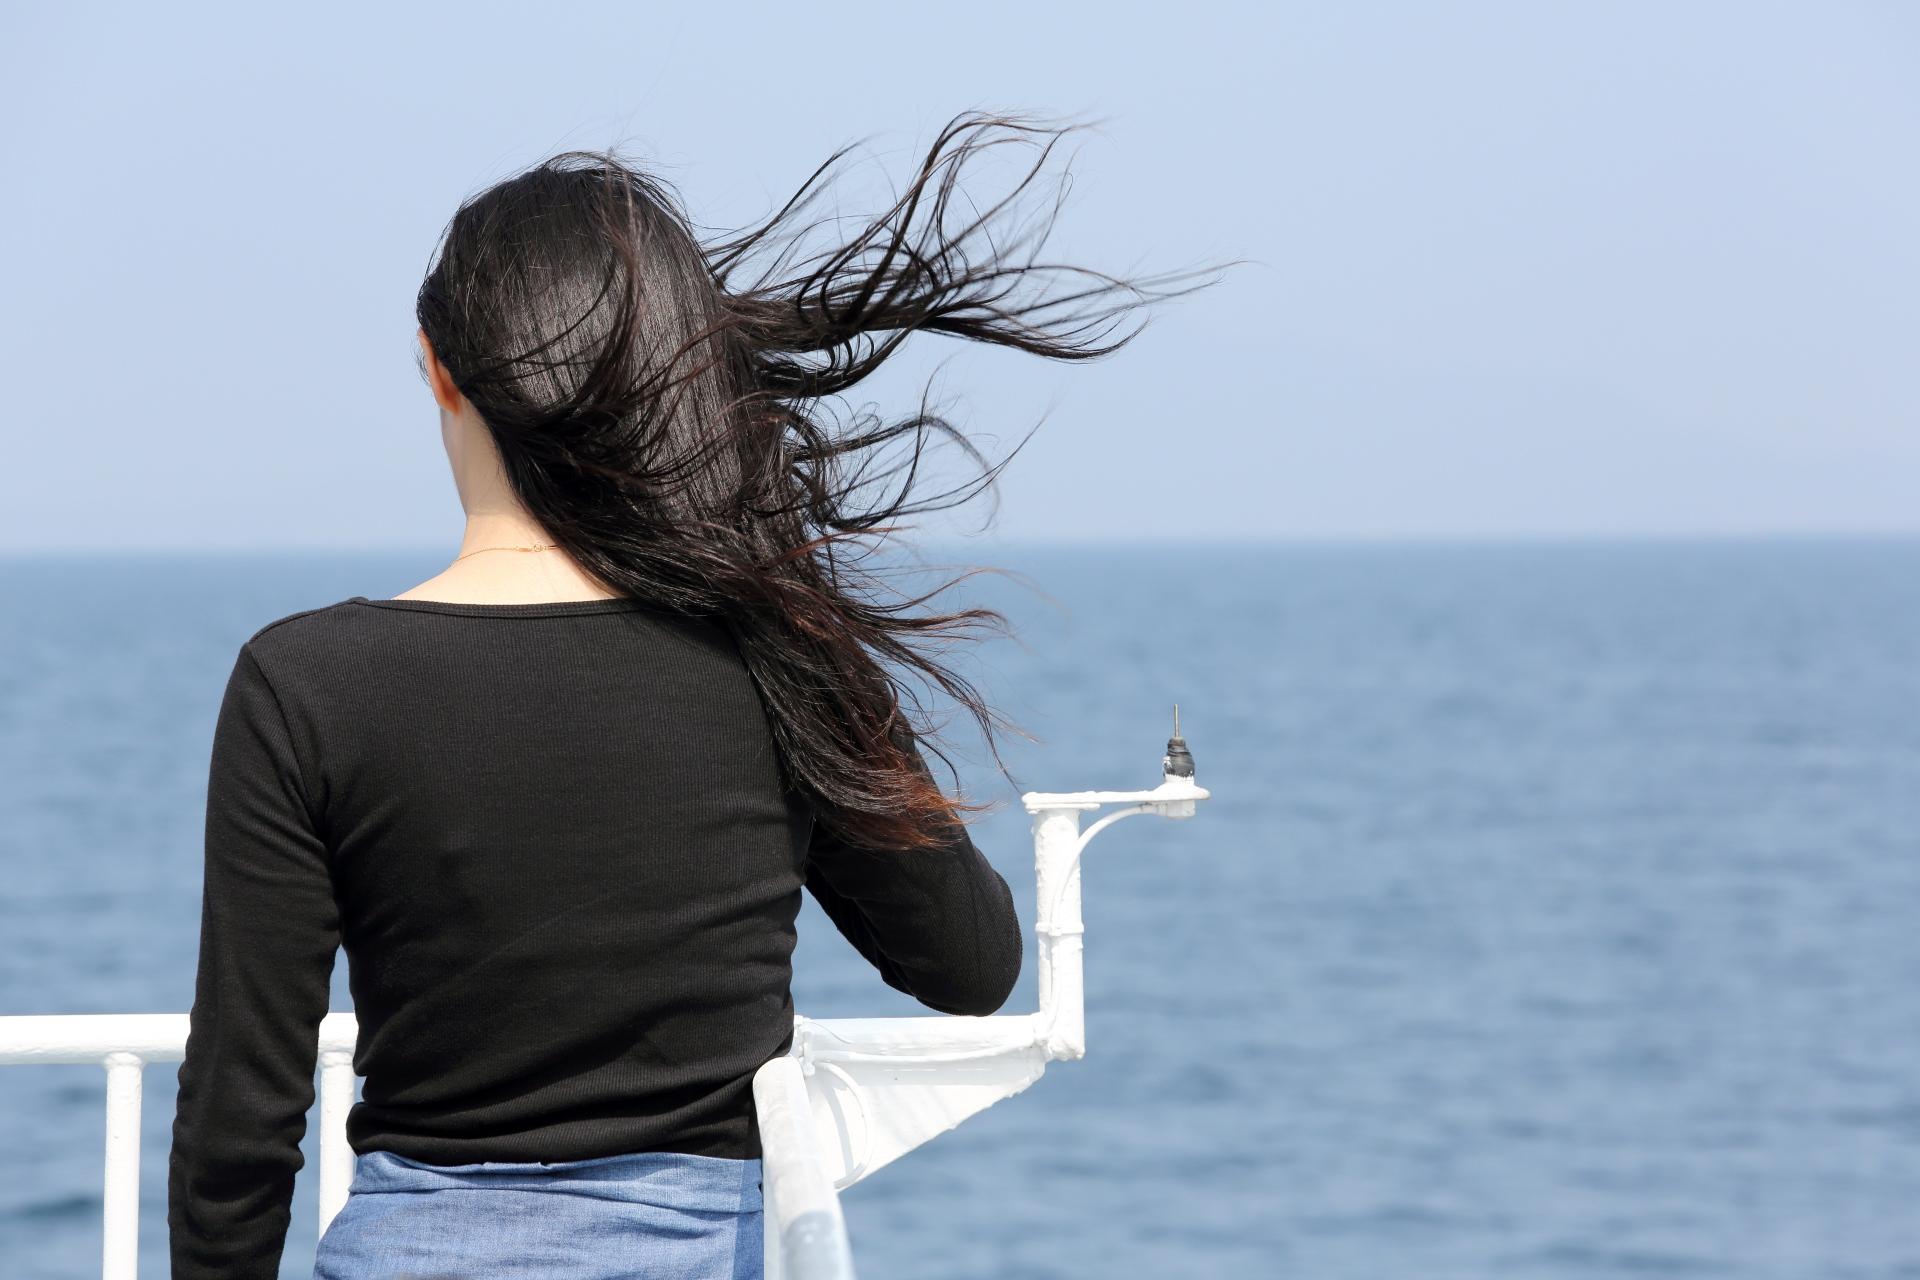 強風で髪の毛が絡まる時の対処法